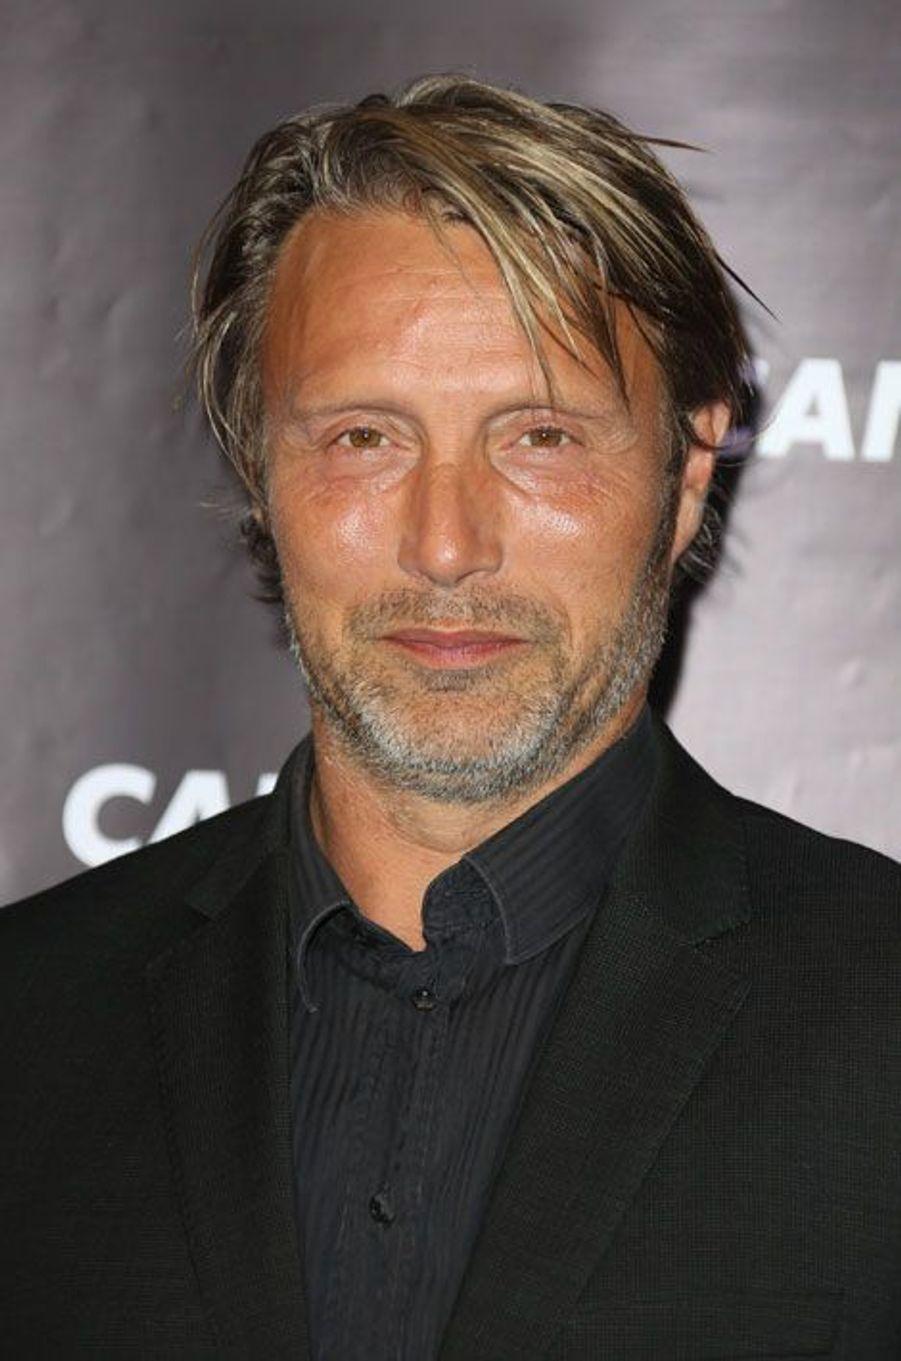 Mads Mikkelsen, alias Hannibal Lecter